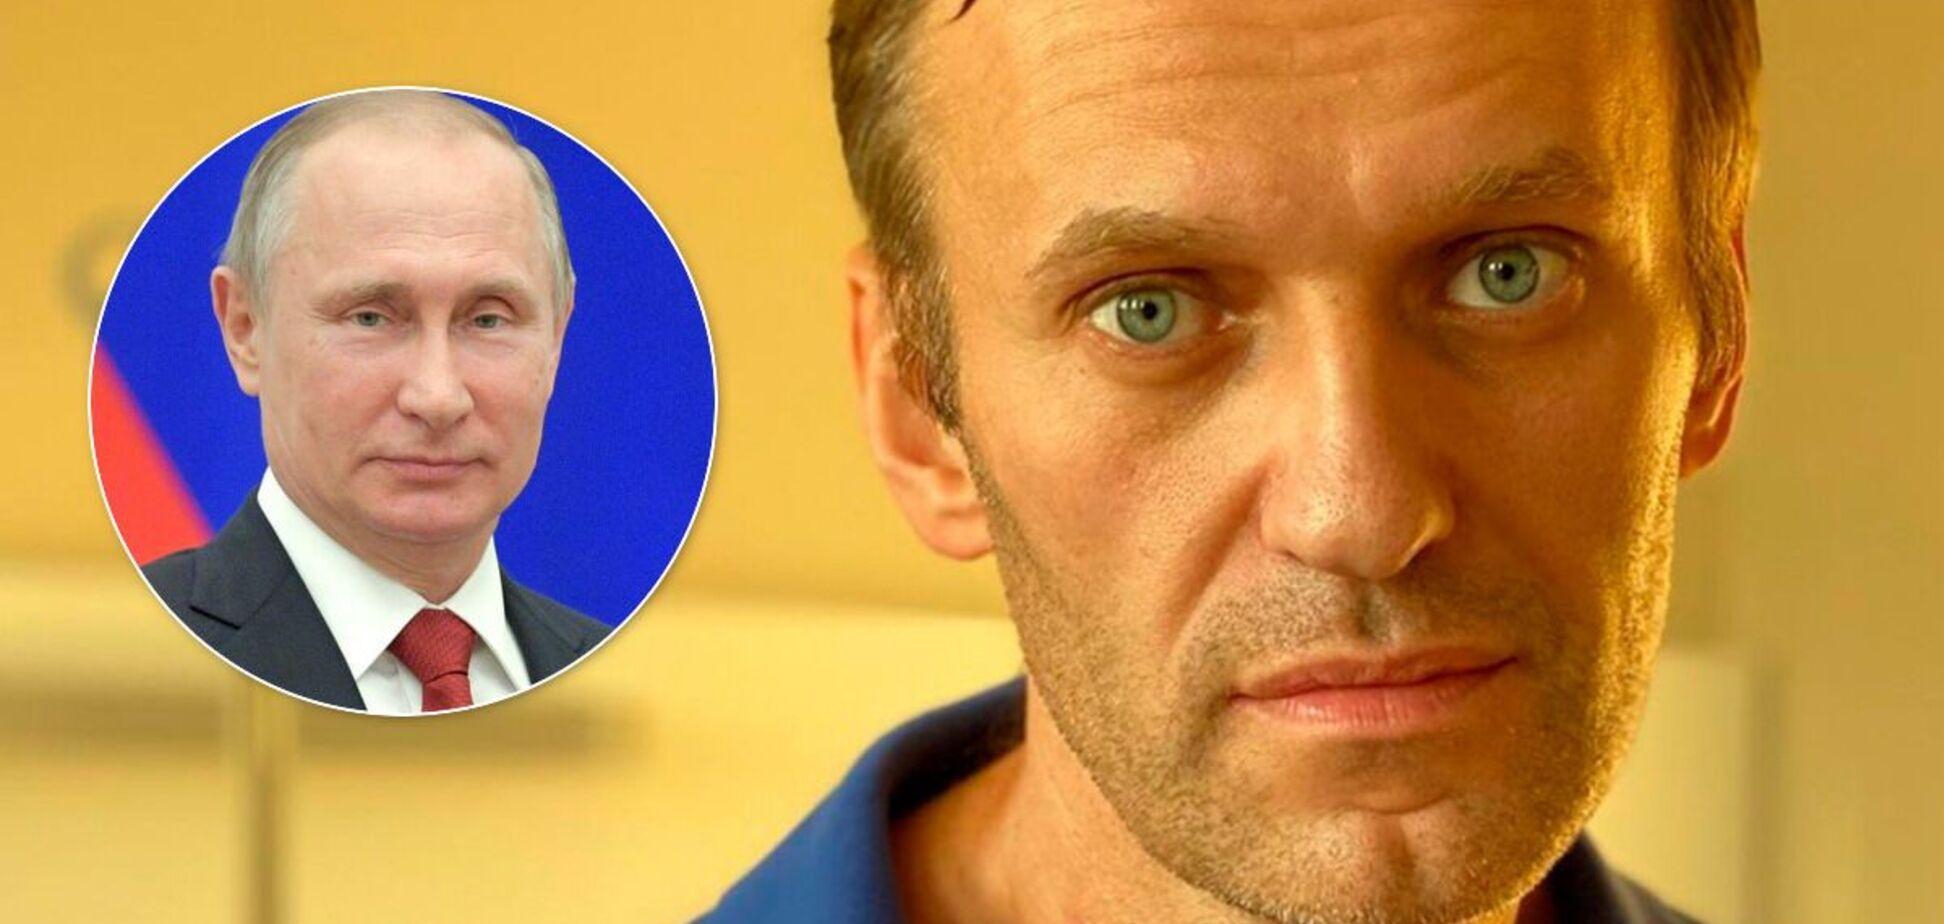 Навальный: за моим отравлением стоит лично Путин